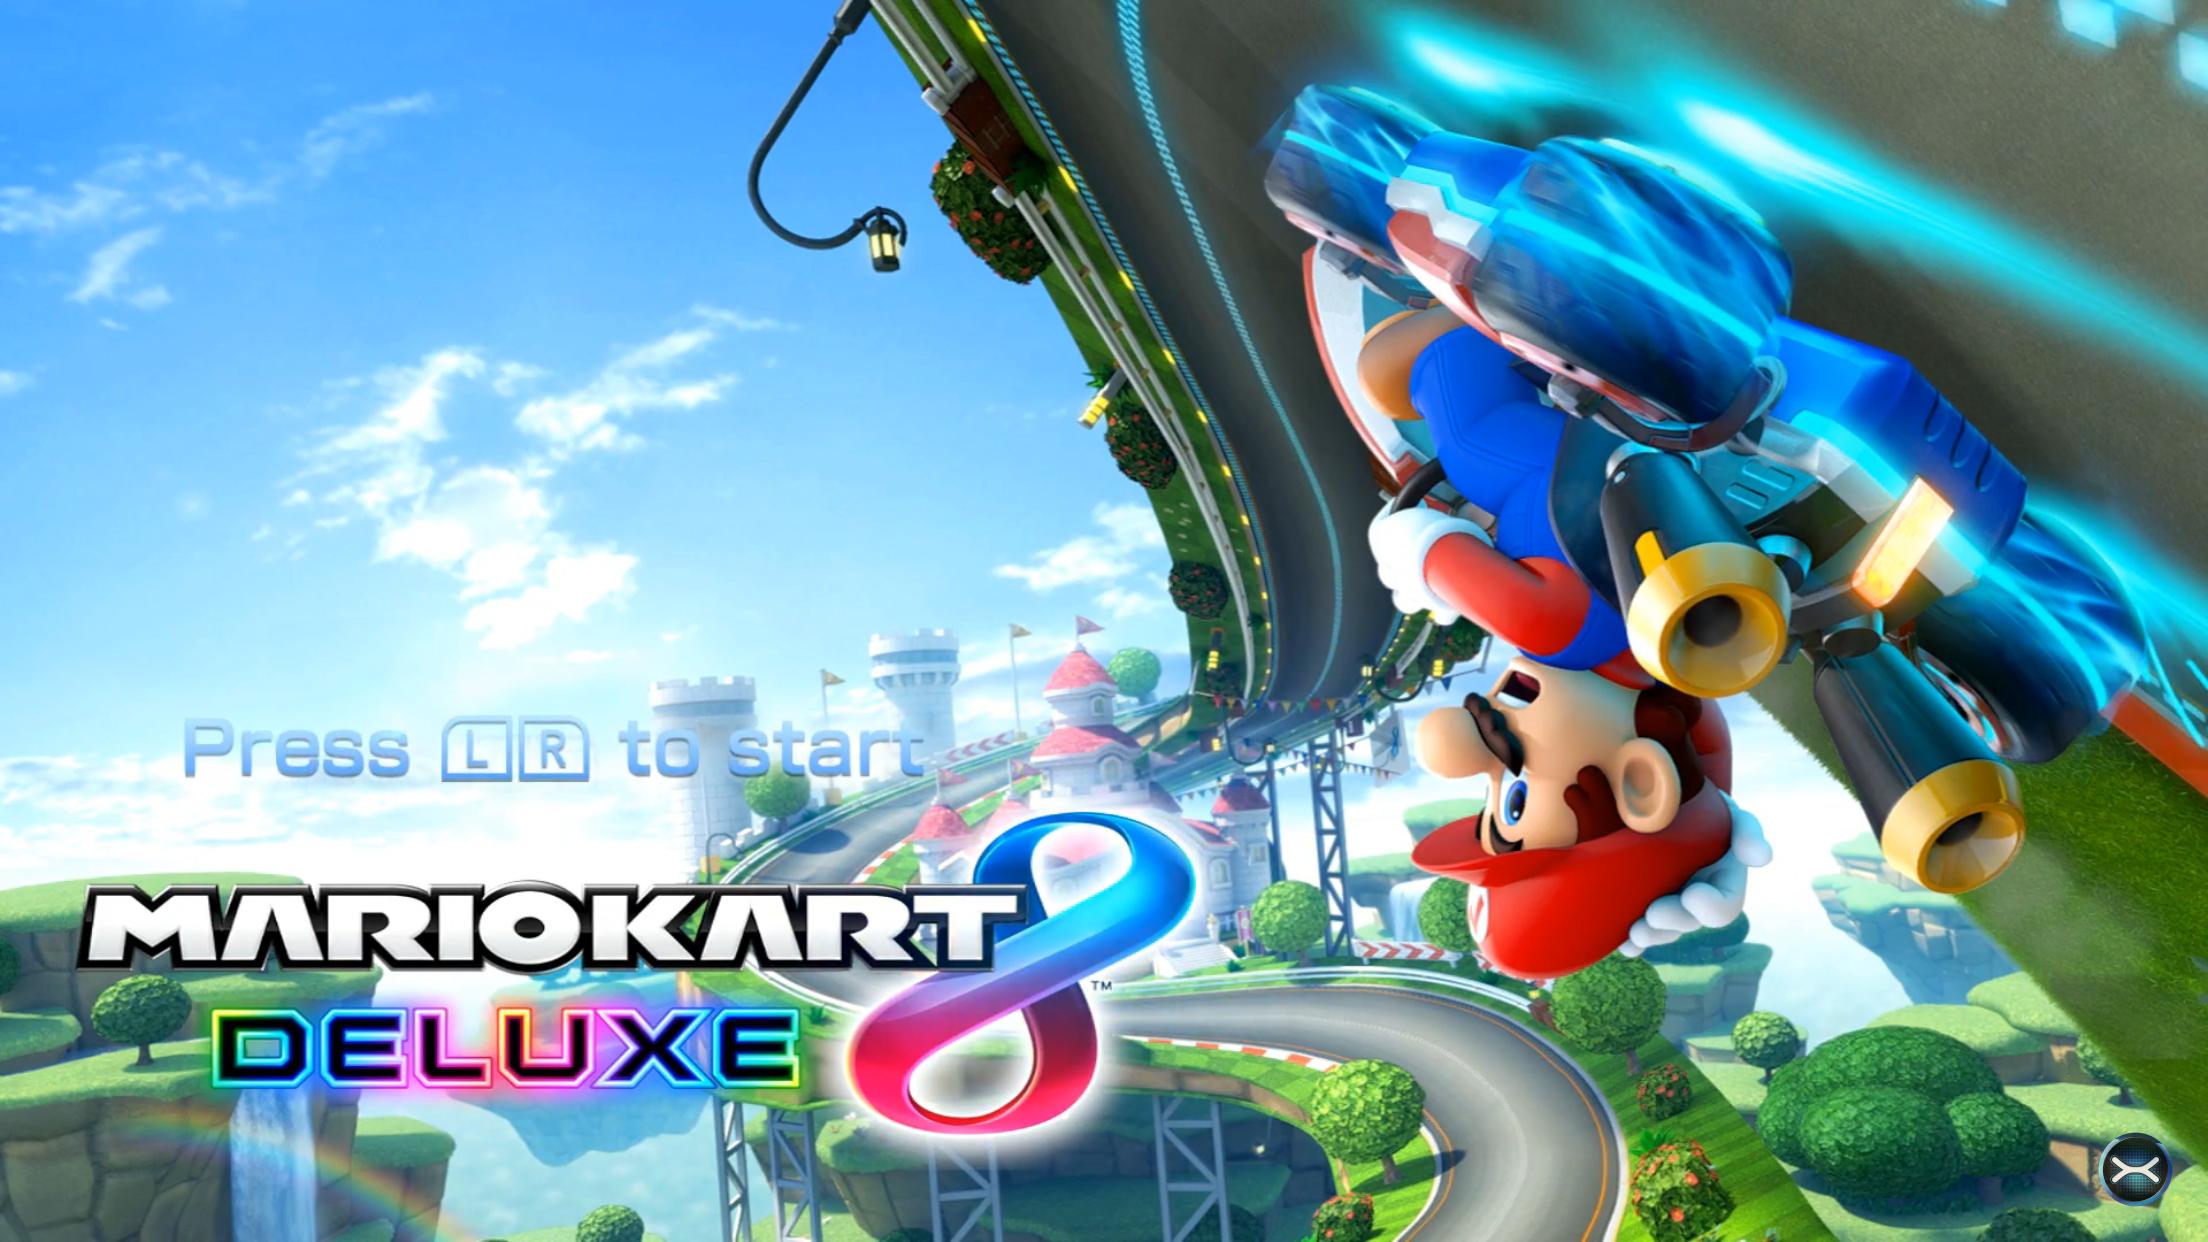 Mario Kart 8 Deluxe Title Screen